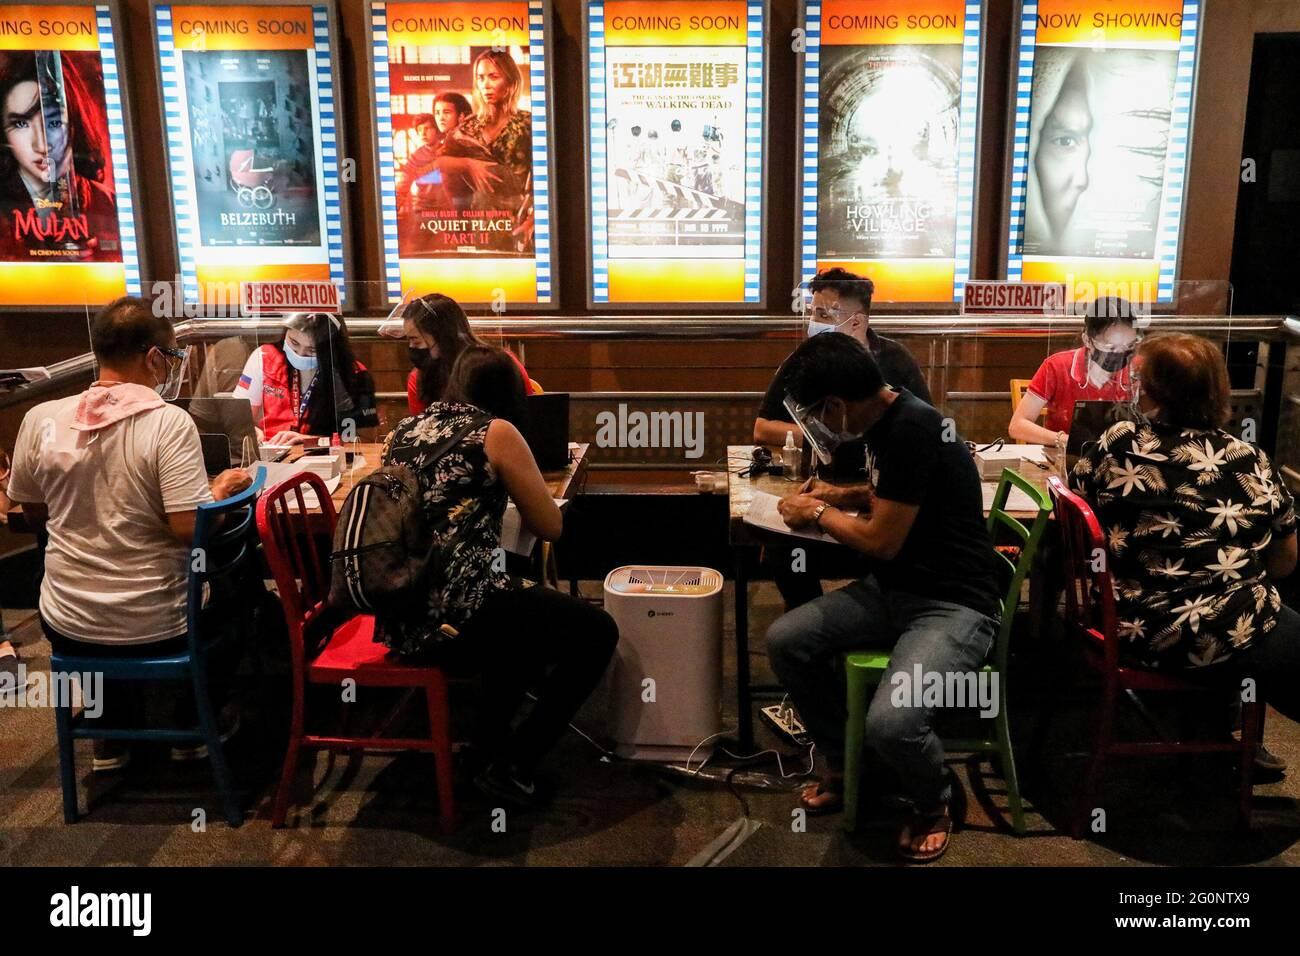 Menschen mit Schutzmasken und Gesichtsschilden registrieren sich, bevor sie ihre Dosis der Sinovac COVID-19-Impfung in einem Kino erhalten, das in San Juan City, Metro Manila, Philippinen, zu einer Impfstelle wurde. Stockfoto